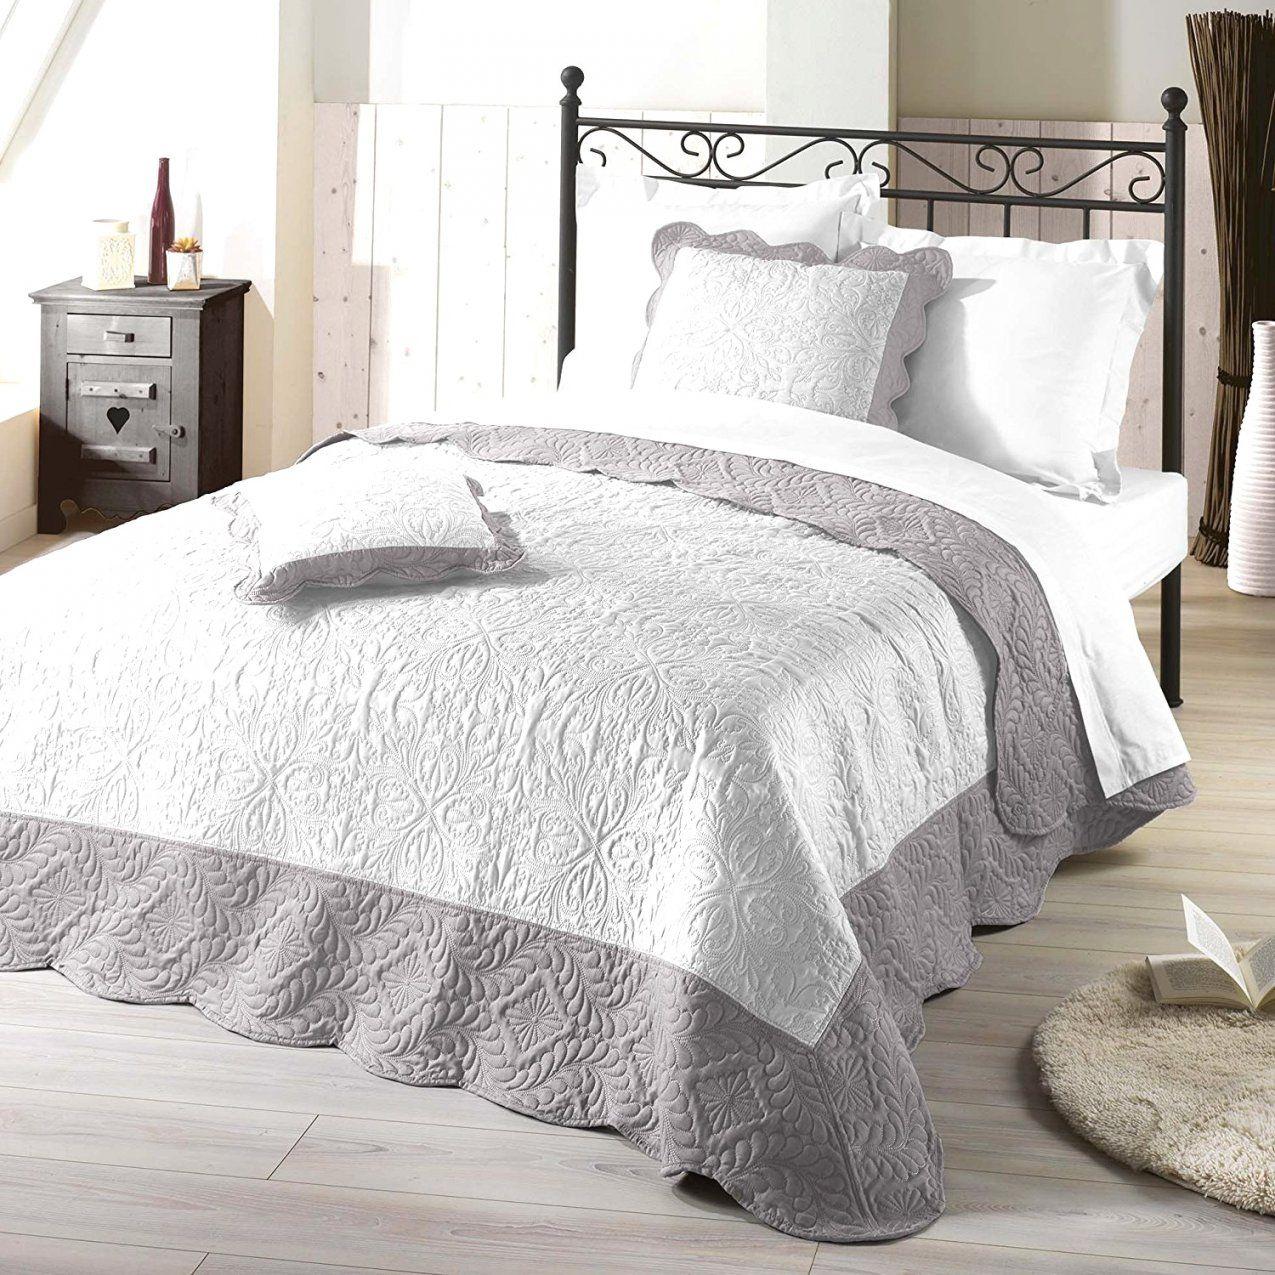 Erstaunliche Inspiration Tagesdecke Bett Und Beeindruckende 200×200 von Tagesdecke Für Bett 200X200 Photo